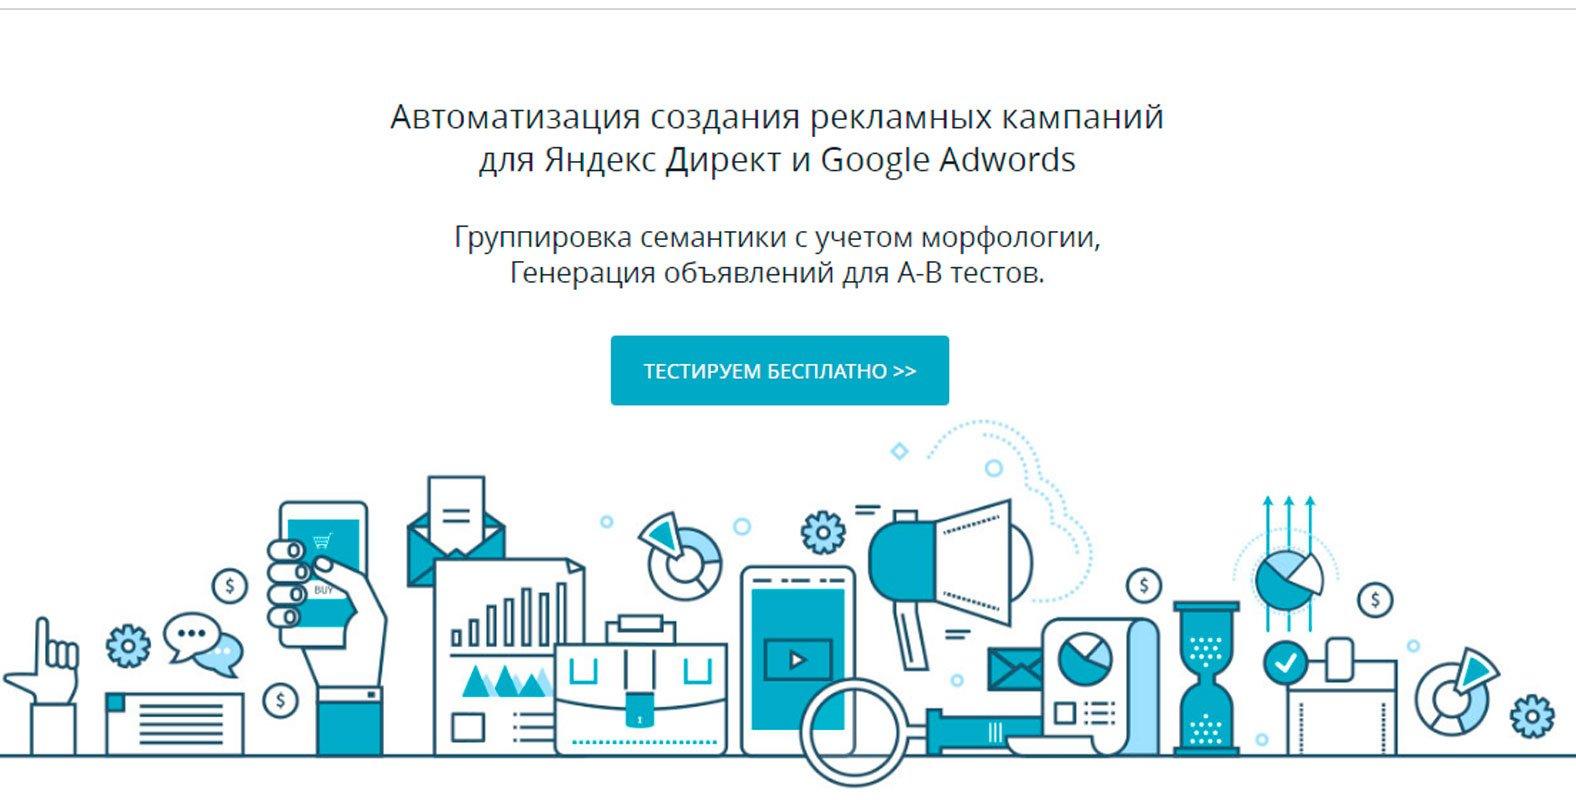 Сервис контекстной рекламы